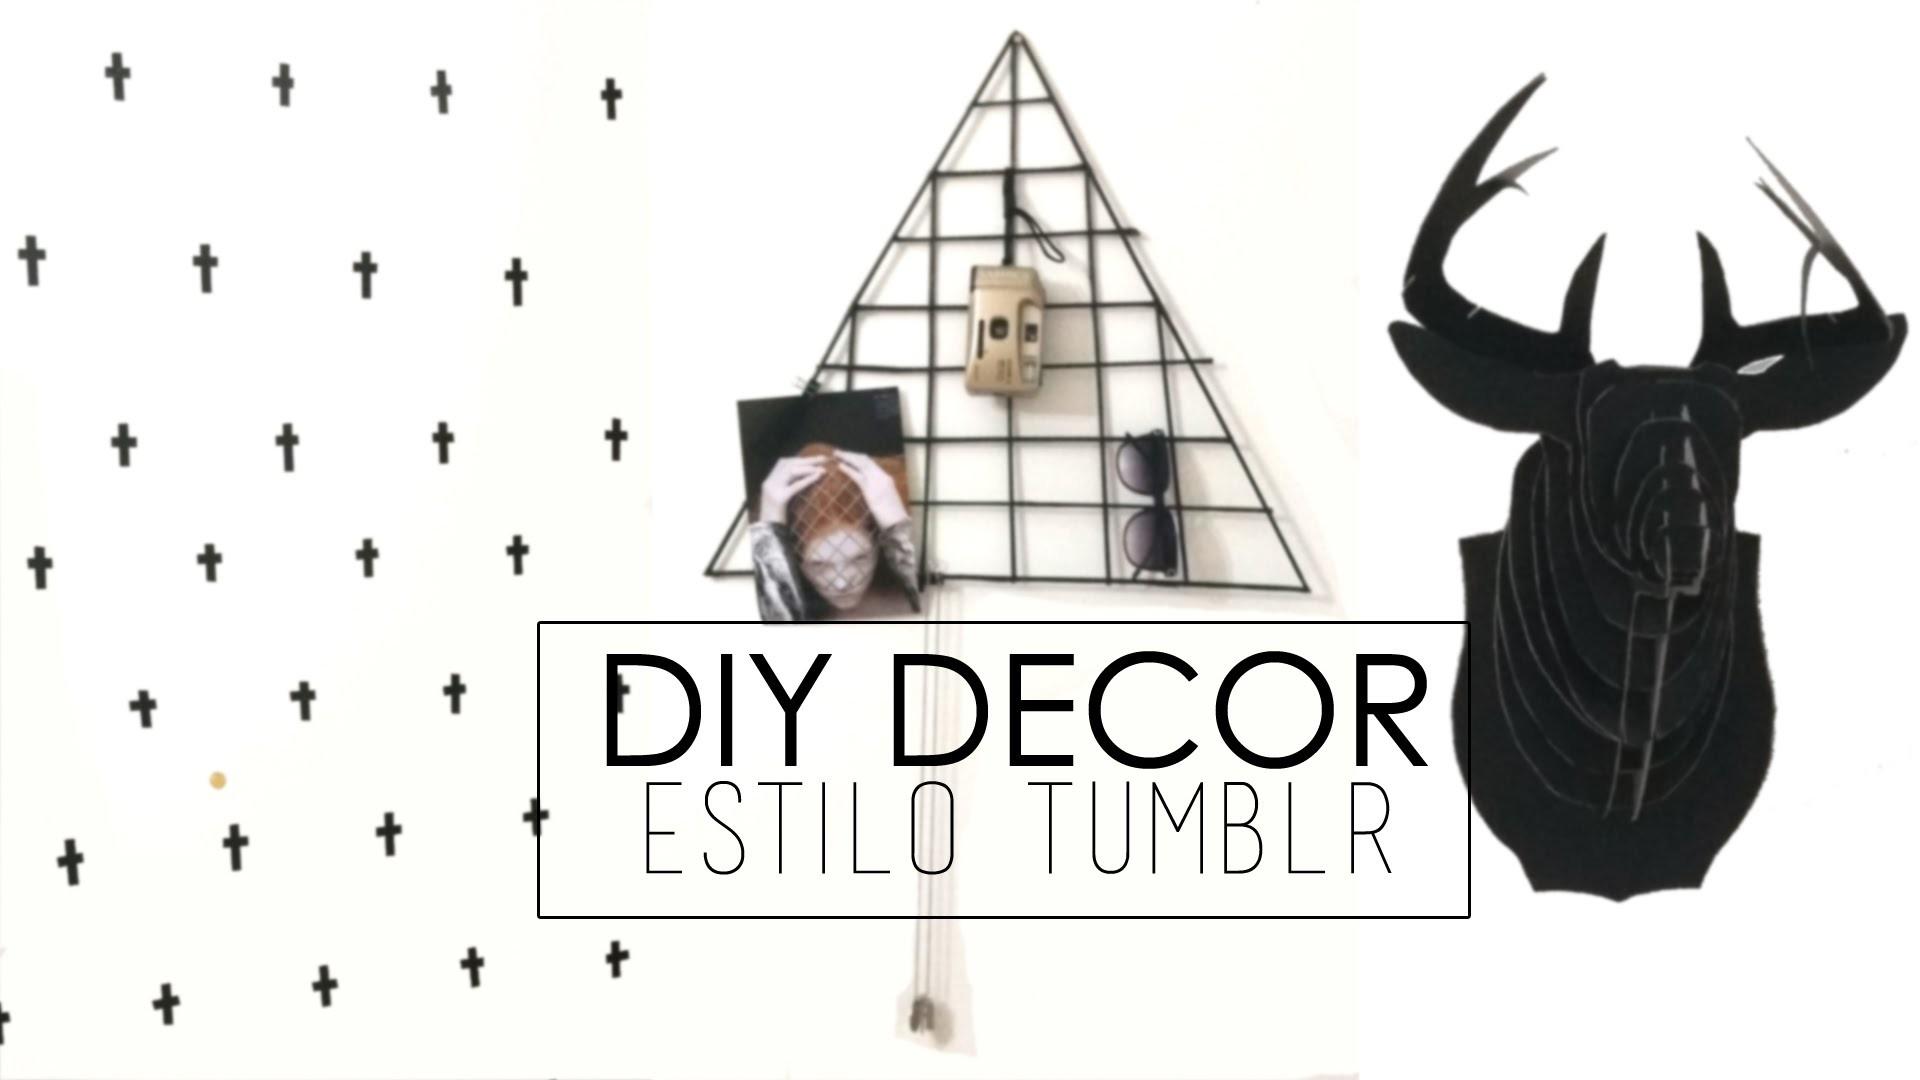 DIY DECOR | ESTILO TUMBLR por Bruca Borges